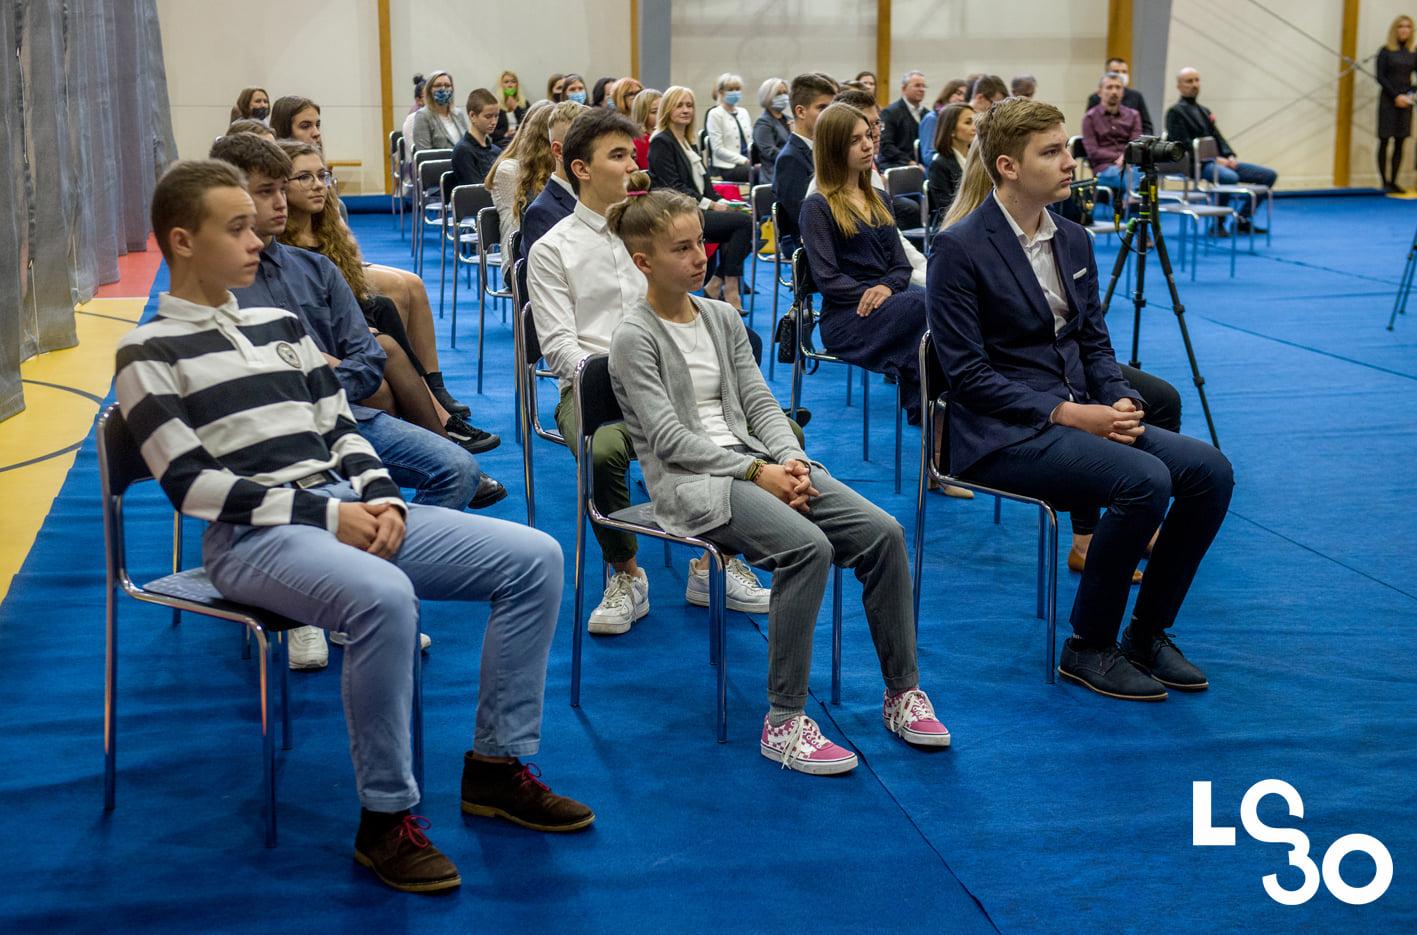 Ruszyła rekrutacja do szkół ponadpodstawowych w Lublinie - Zdjęcie główne